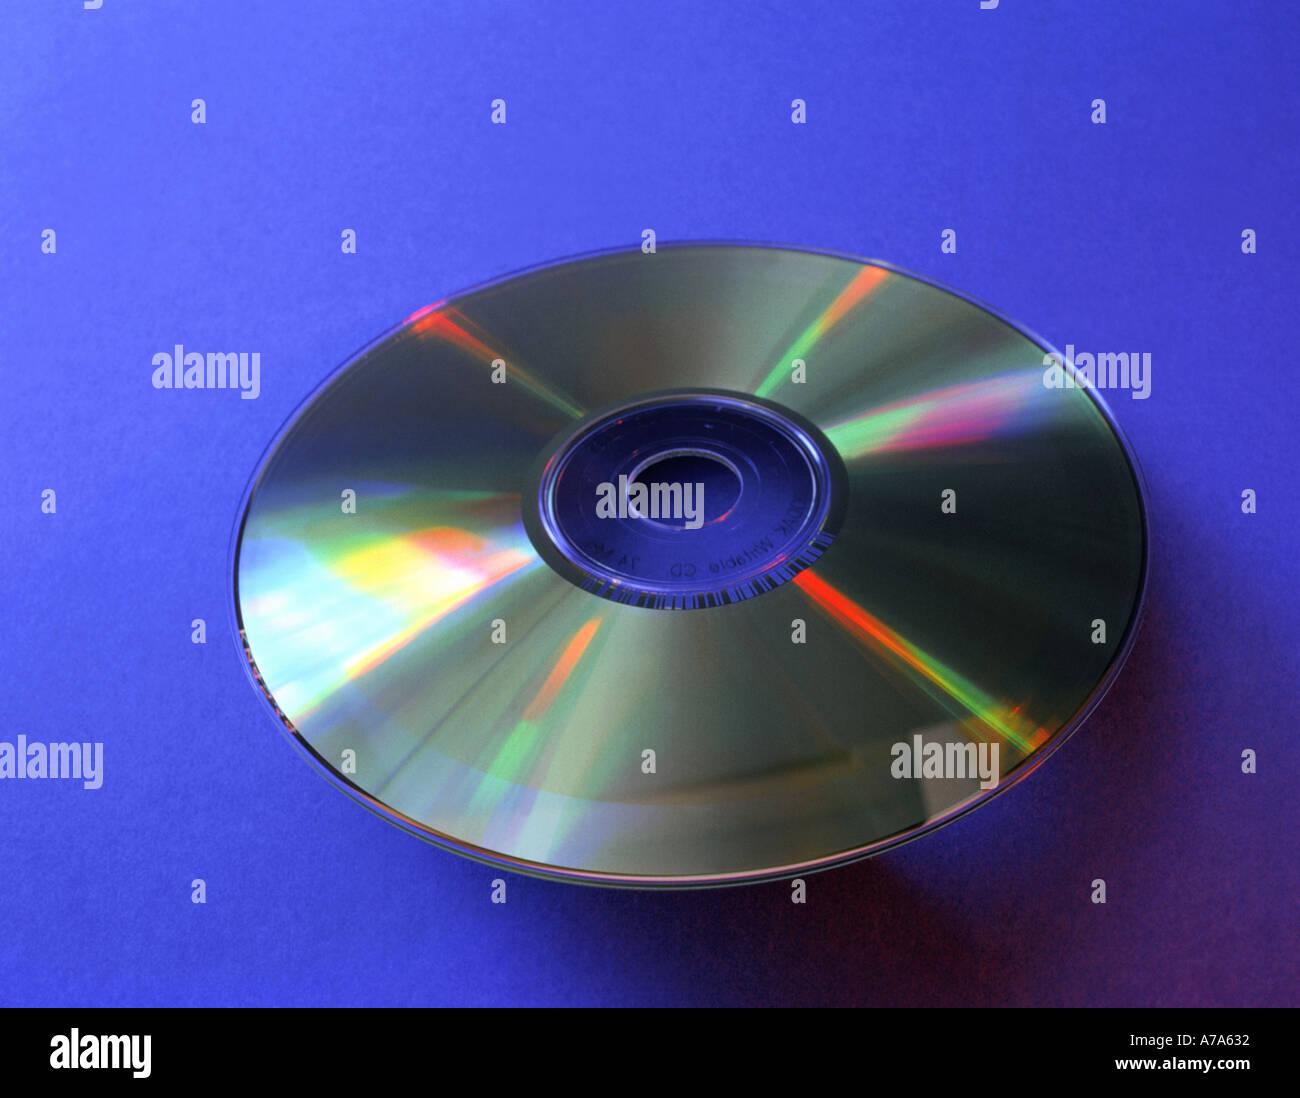 cdr cd rom cdrom dvd - Stock Image